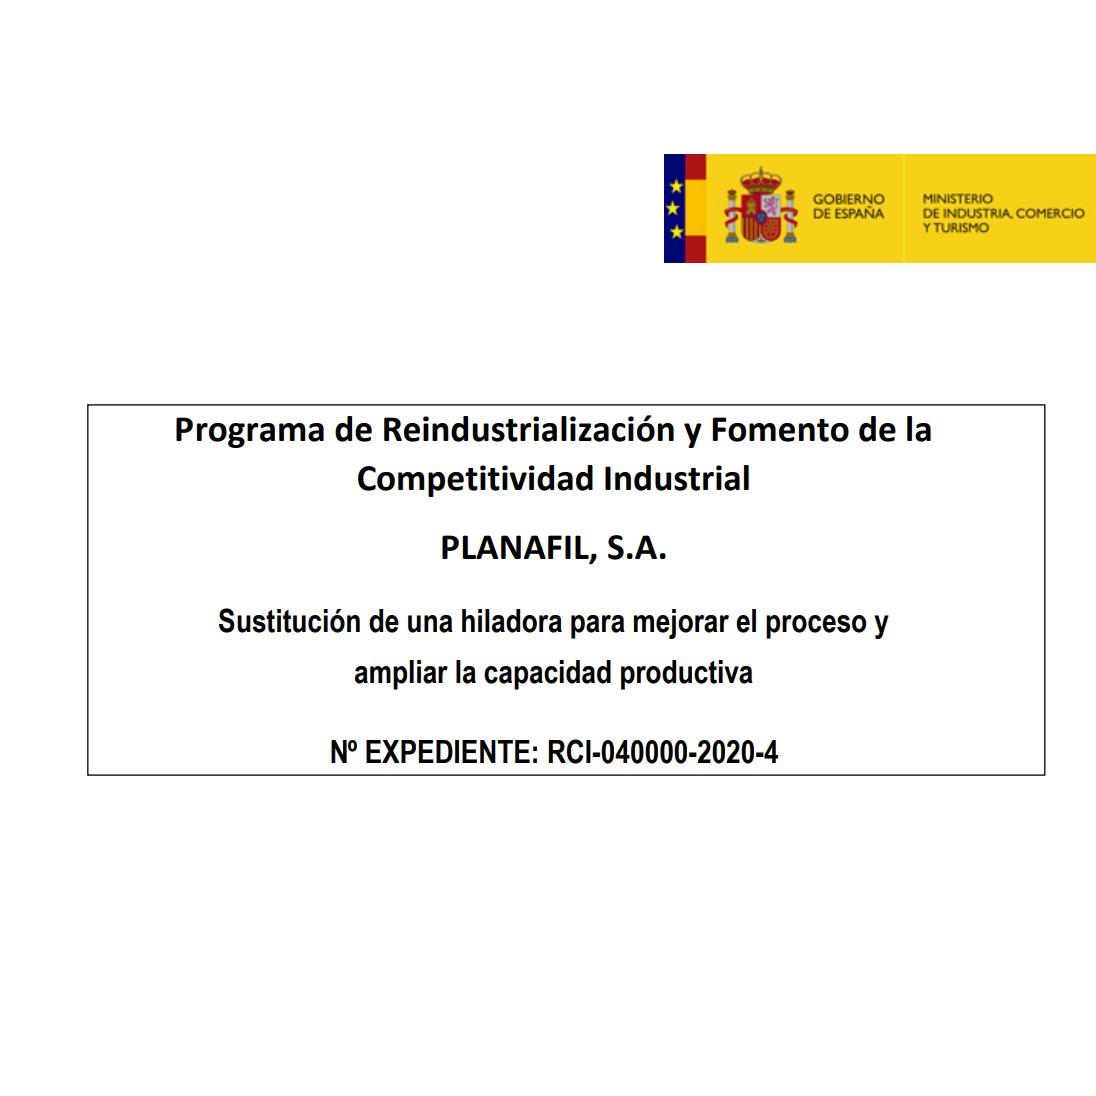 Programa de Reindustrialización y Fomento de la Competitividad Industrial